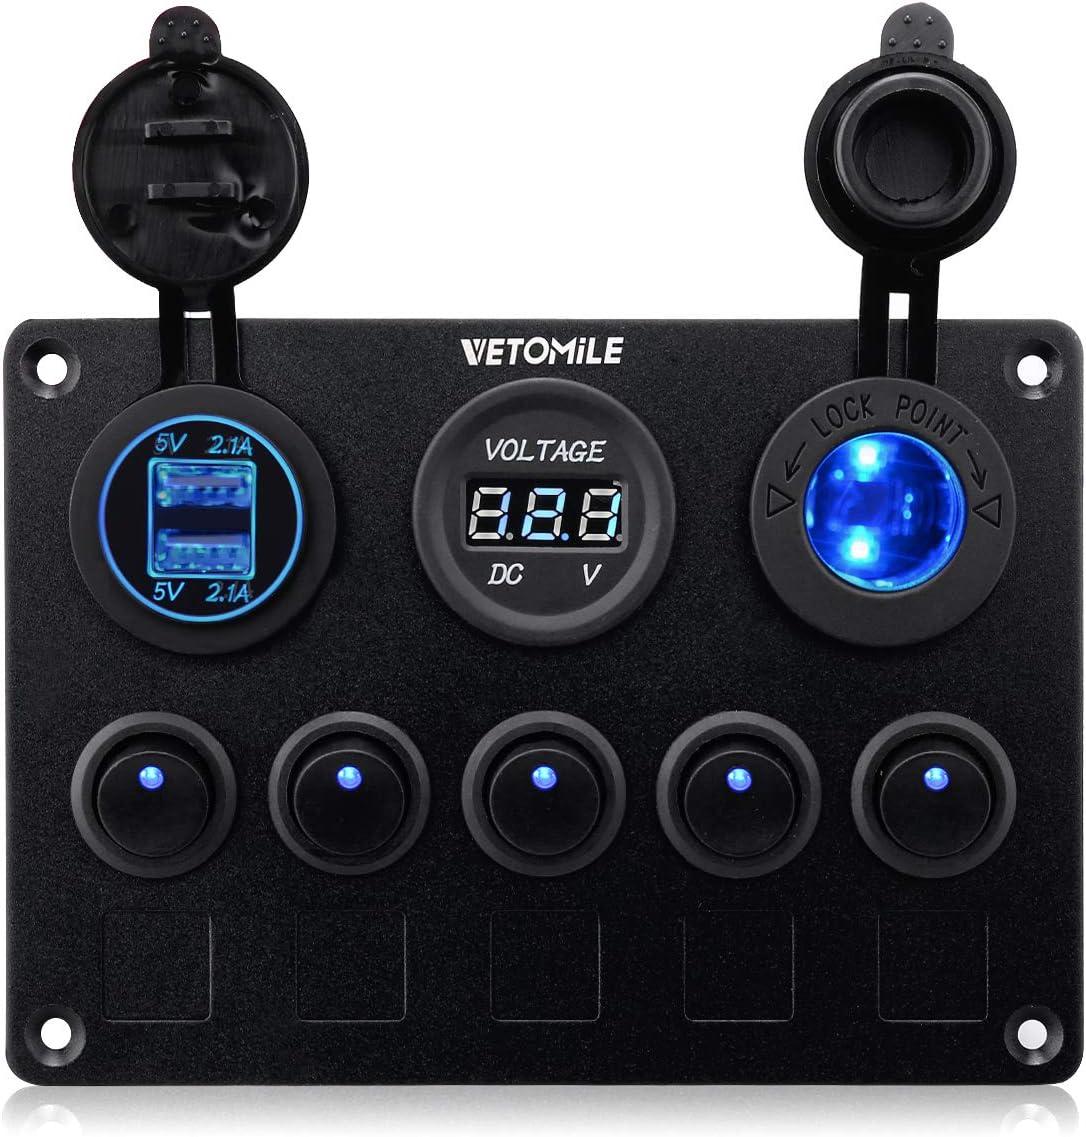 VETOMILE Boat Marin Rocker Switch Panel Waterproof 3 Pin 5 Gang Marine Fuse Digital Voltage Display Dual 5V/2.1A USB Charger Cigarette Lighter Socket 12V-24V for Car Truck: Automotive